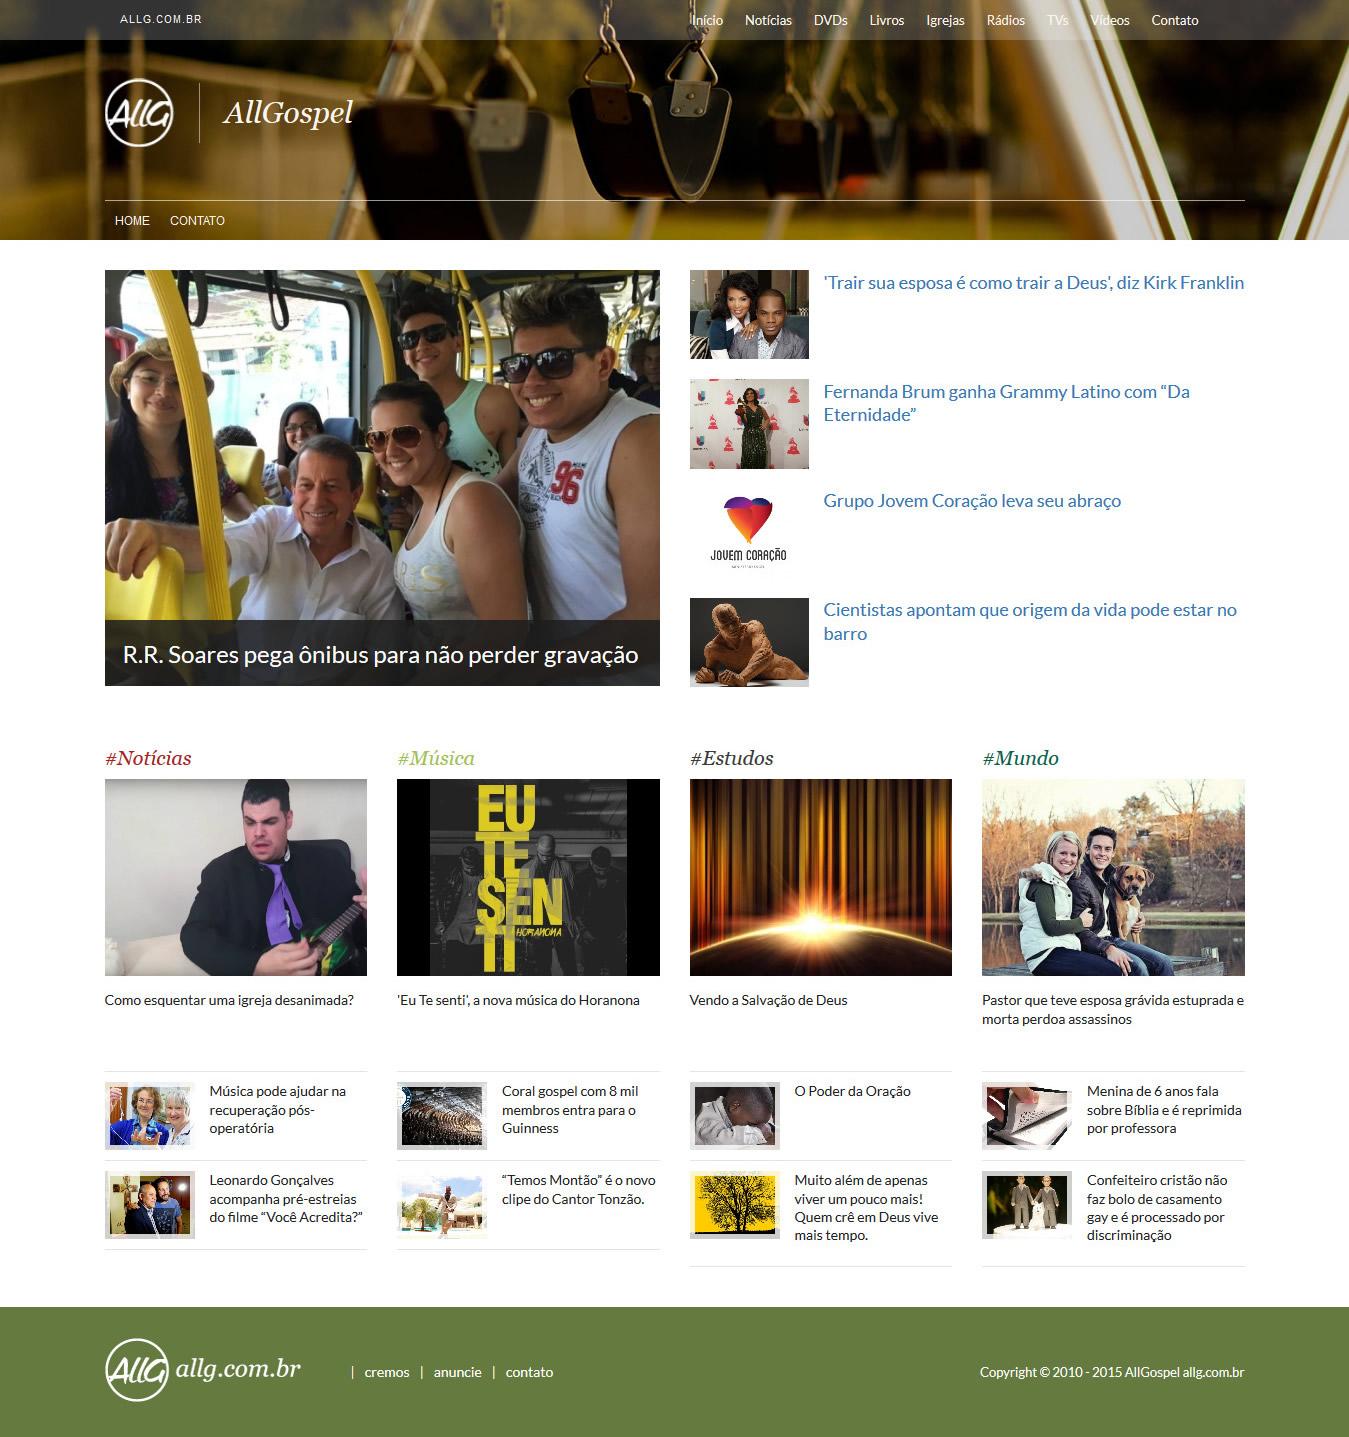 Site AllGospel